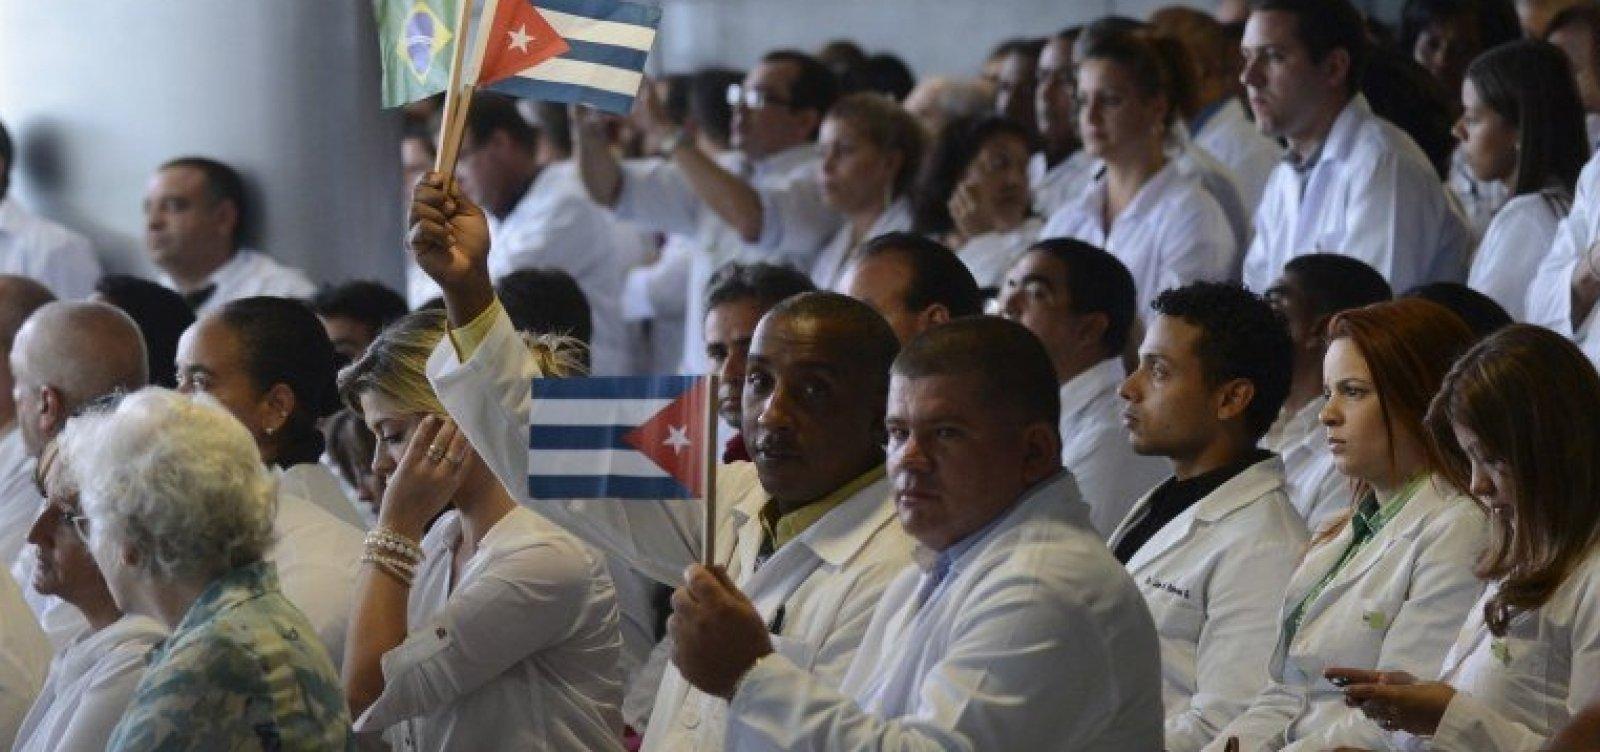 [Ministério deve flexibilizar revalidação de diploma por médicos cubanos]